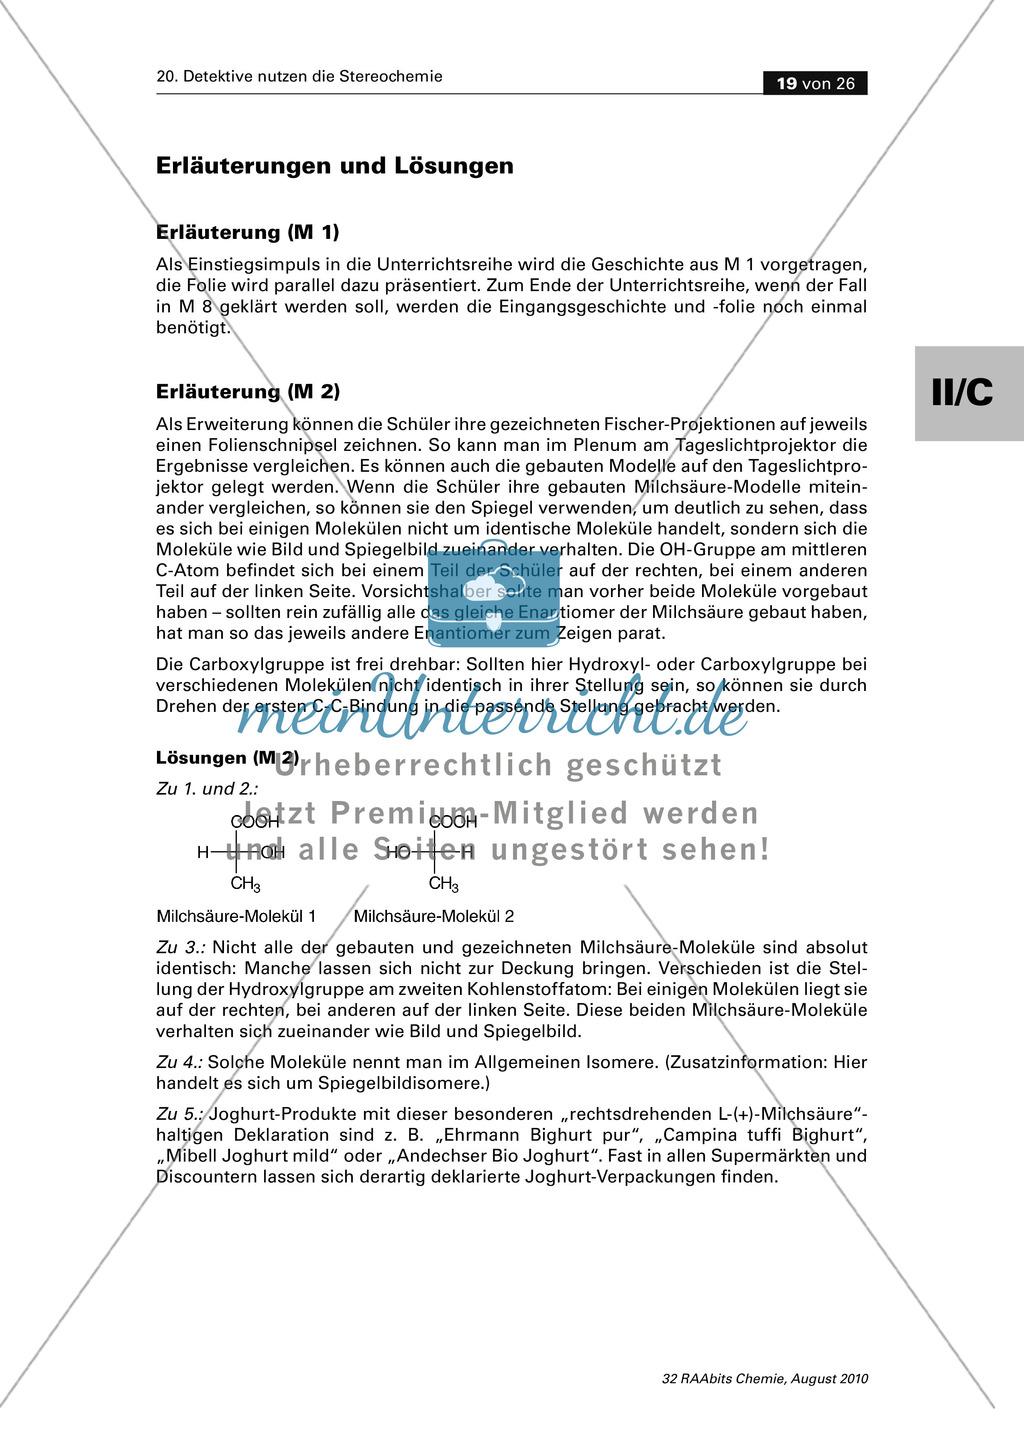 Die Stereochemie im spannenden Kontext: Aufklärung eines fiktiven Todesfalls durch L-(+)-Muscarin (Fliegenpilze) Preview 14